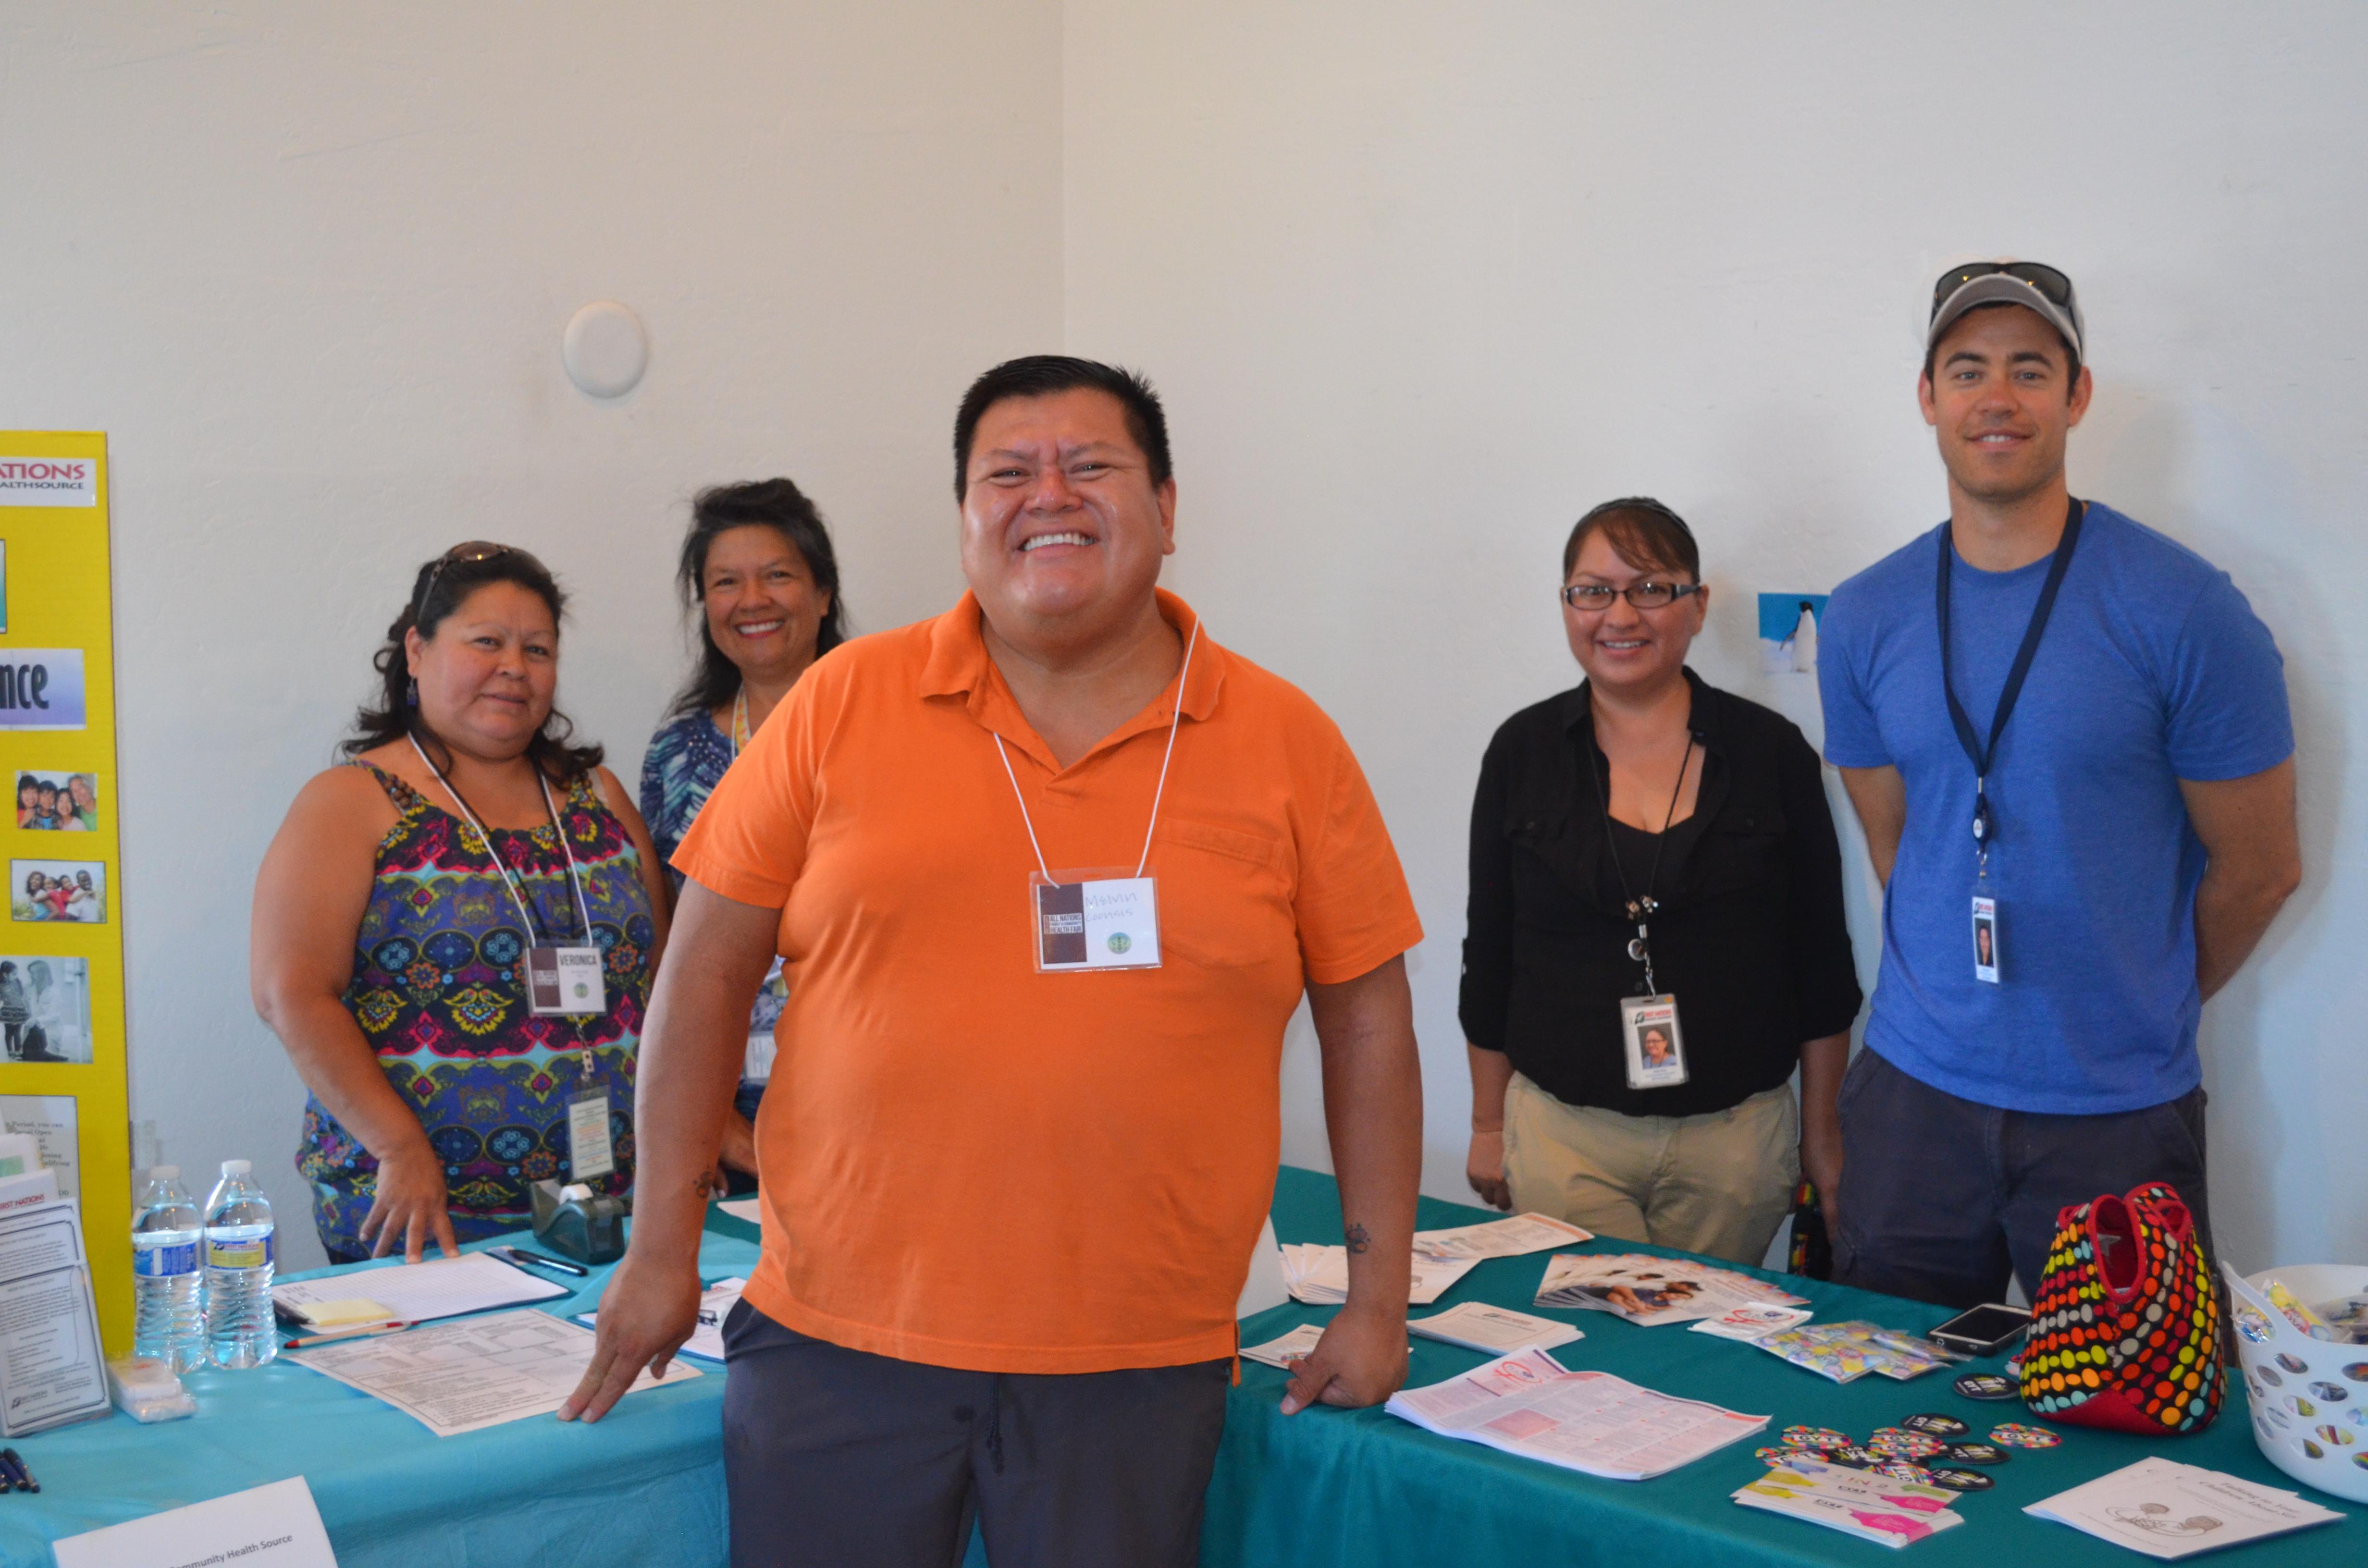 Melvin, Veronica und andere Freiwillige stehen am Tisch.